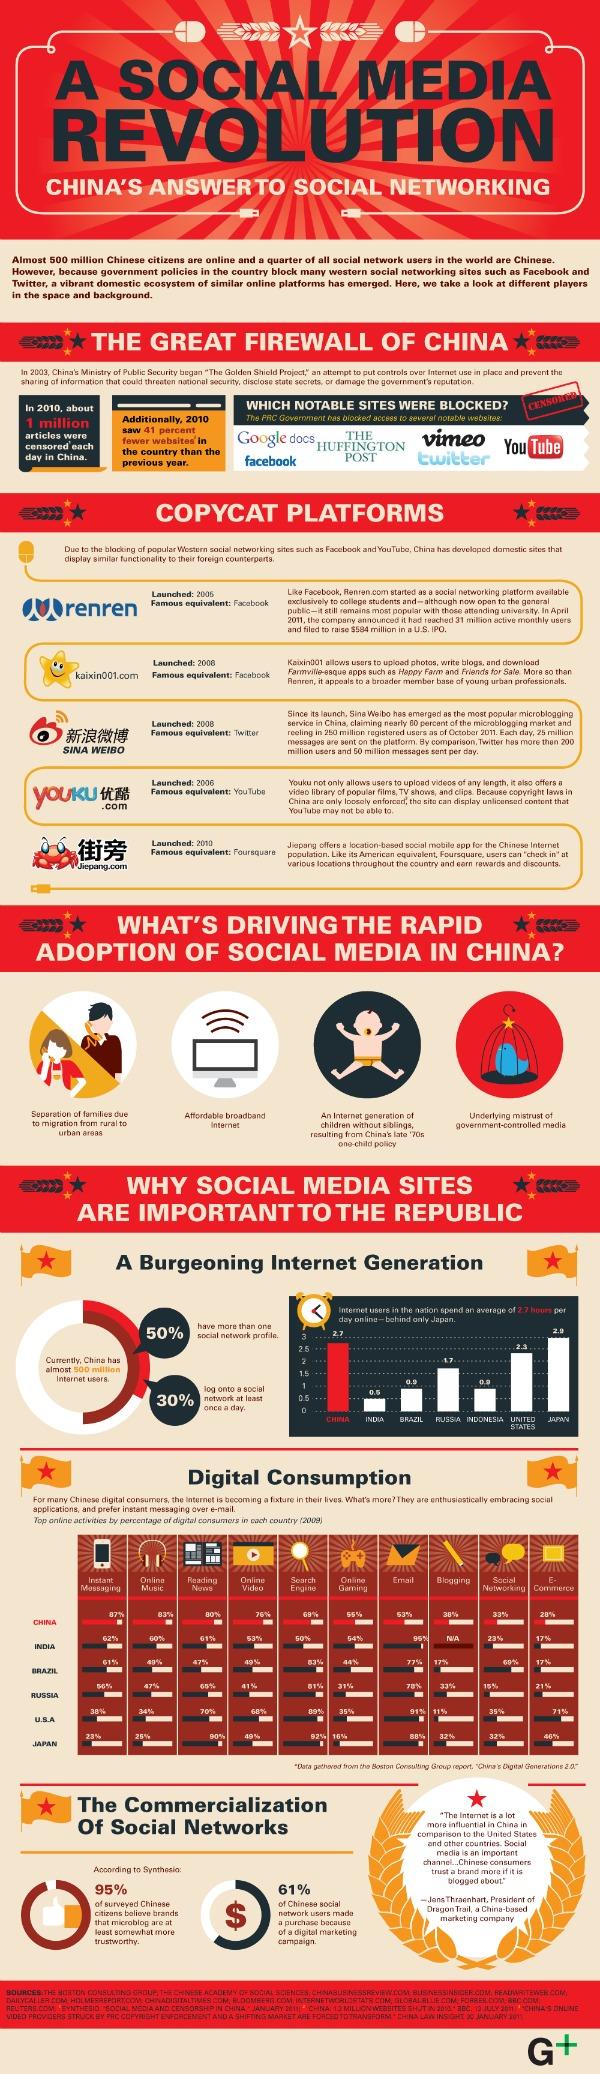 Social Media Revolution in China